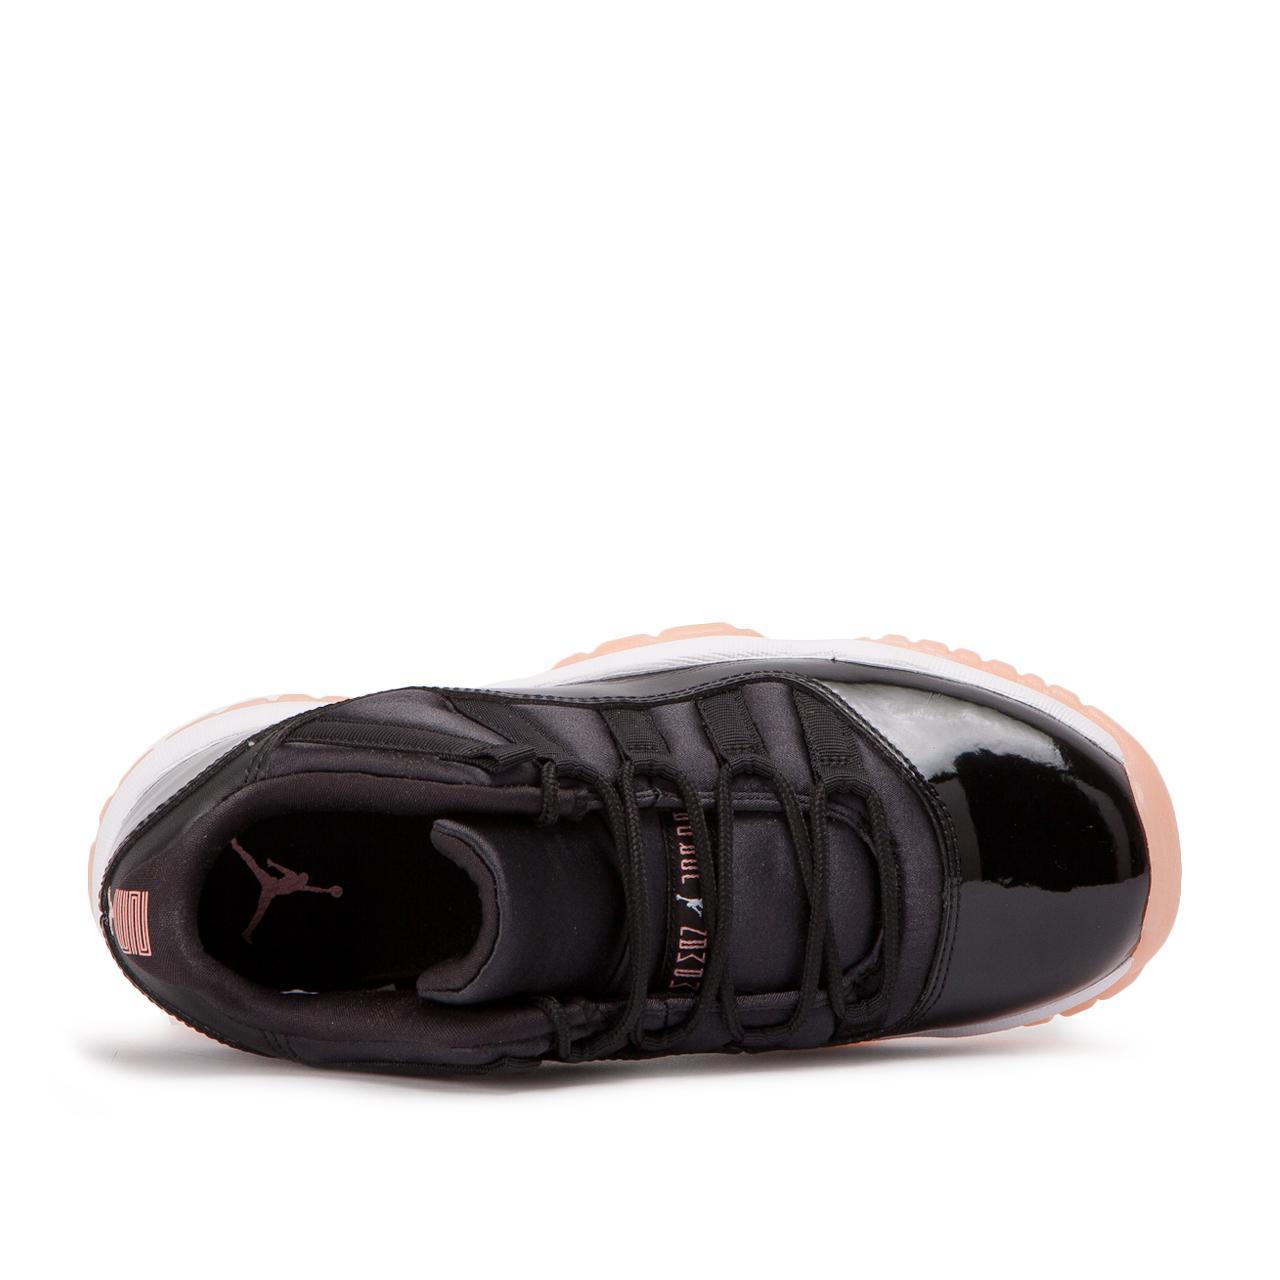 810dce8006328c Lyst - Nike Air Jordan Xi Retro Low Gg in Black